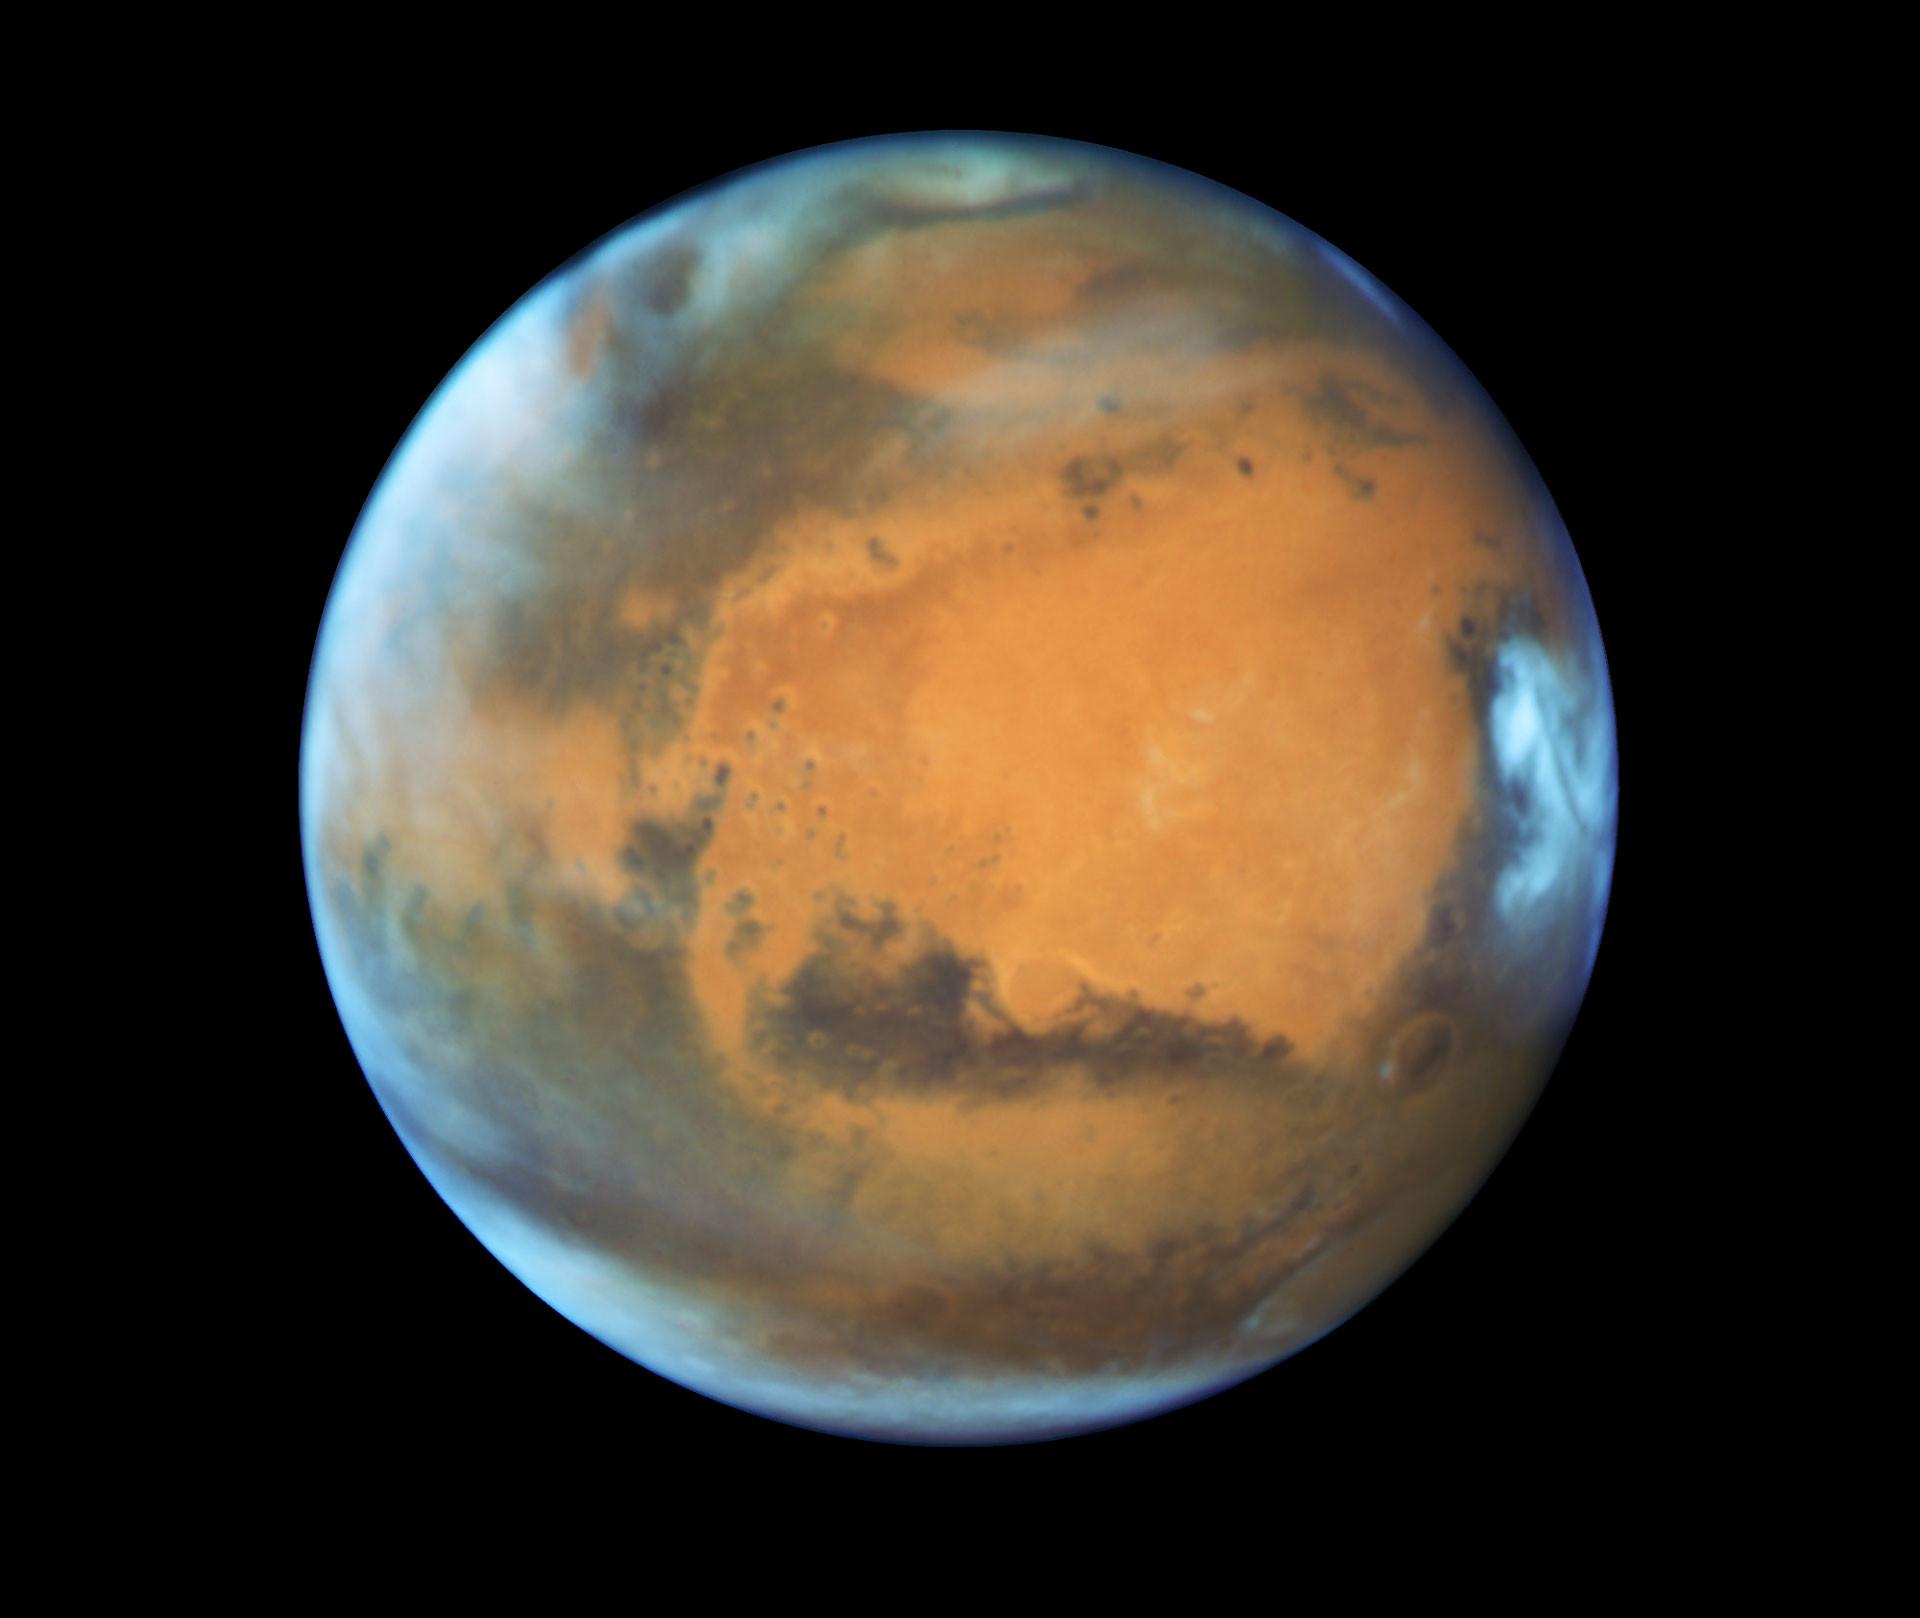 Фото: © NASA/ESA/Hubble Heritage Team — STScI/AURA, J. Bell — ASU, M. Wolff — Space Science Institute via AP